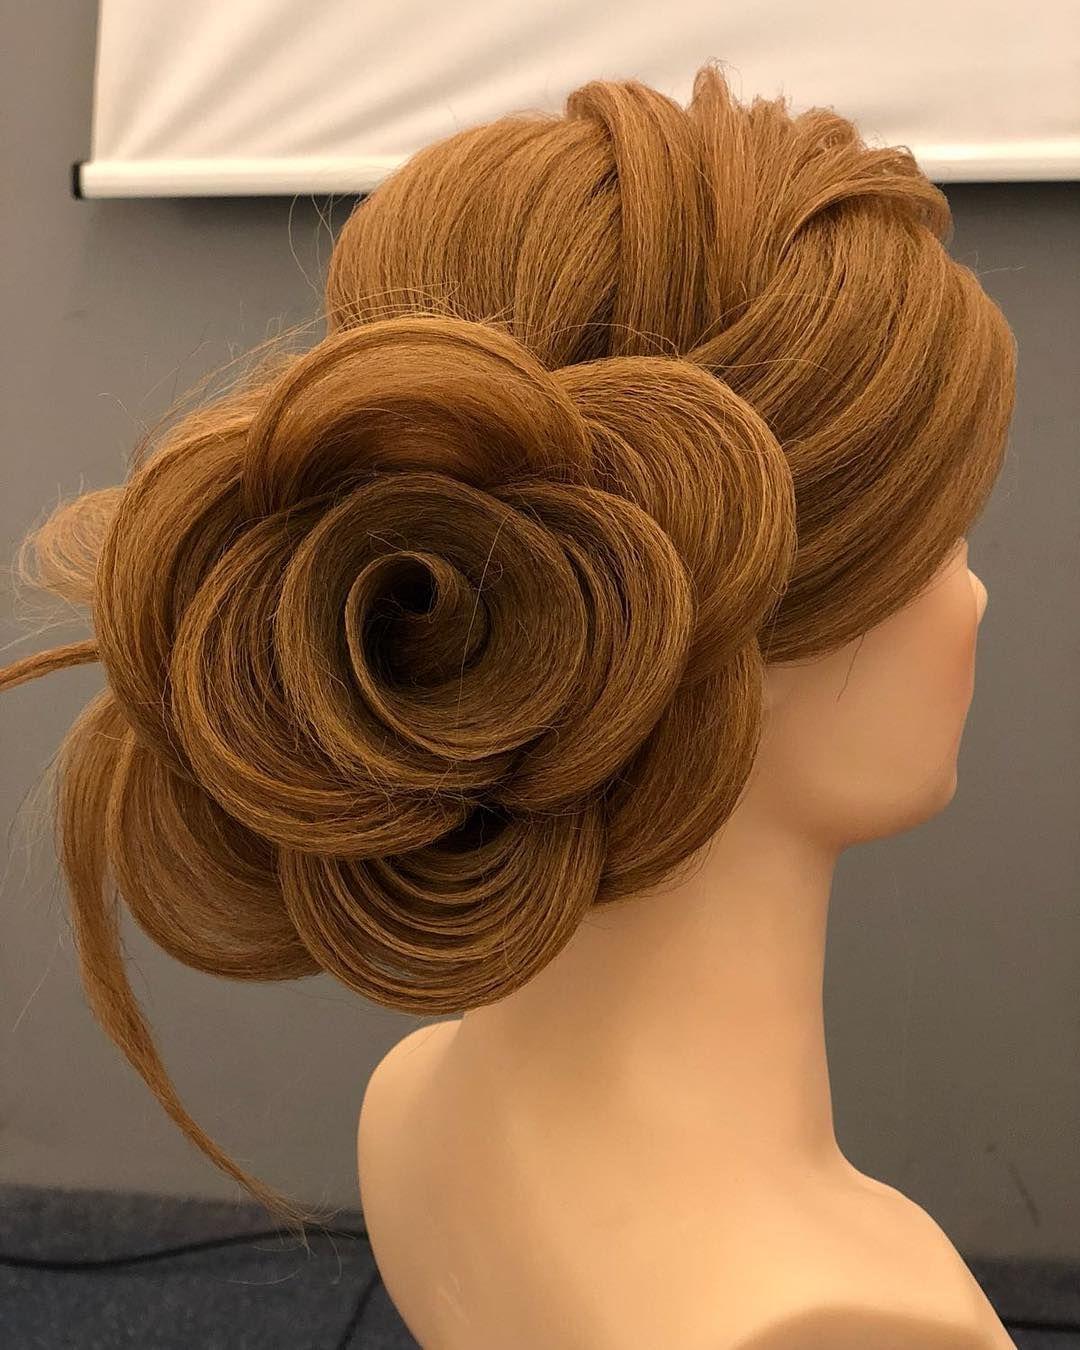 About Salon Moda Capelli